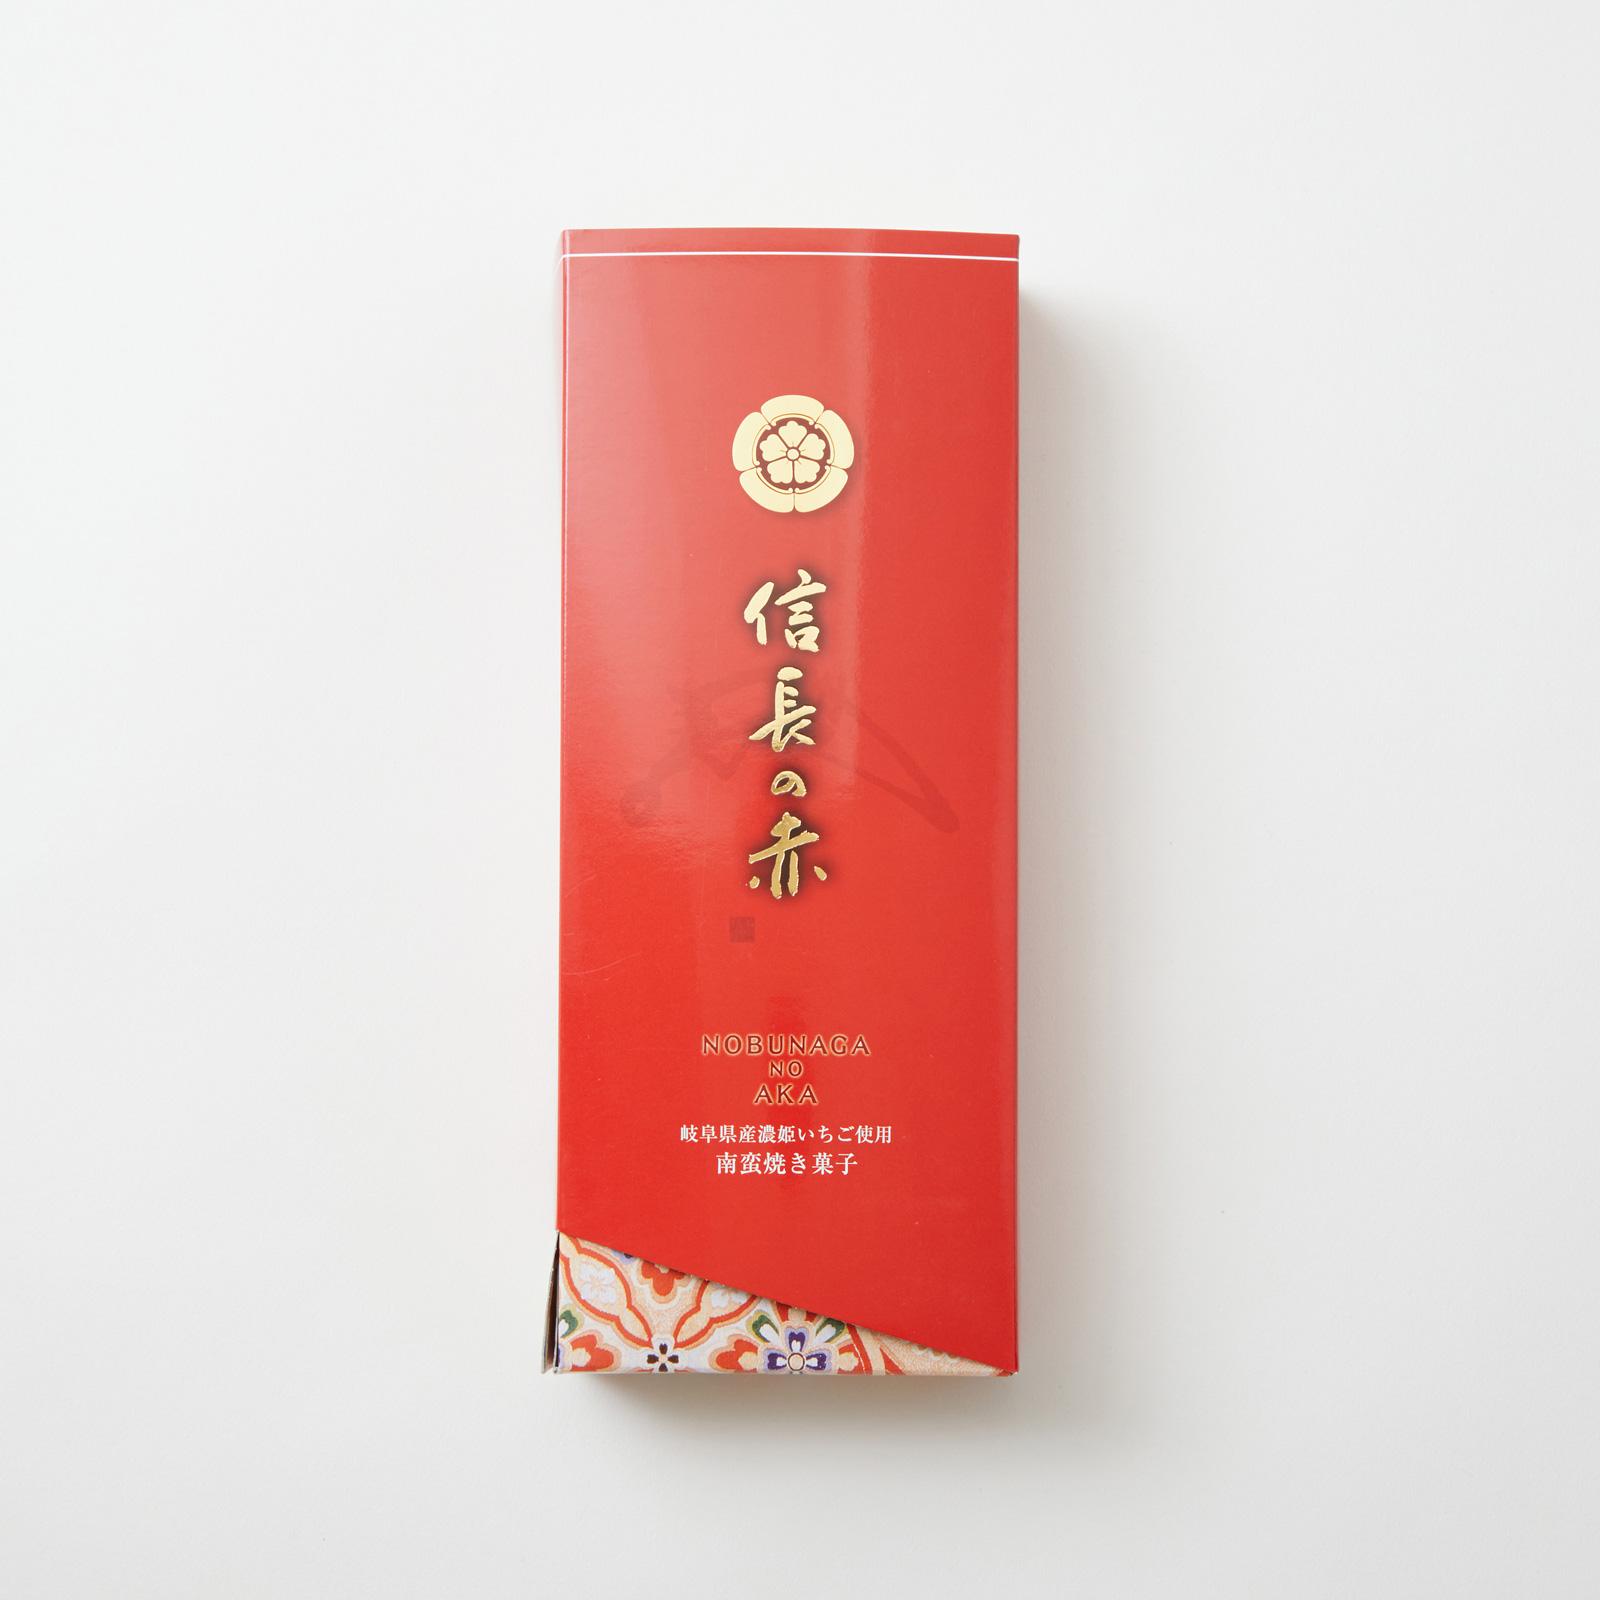 【信長の赤:10枚】岐阜県産の濃姫いちごを100%使った新食感の南蛮焼き菓子